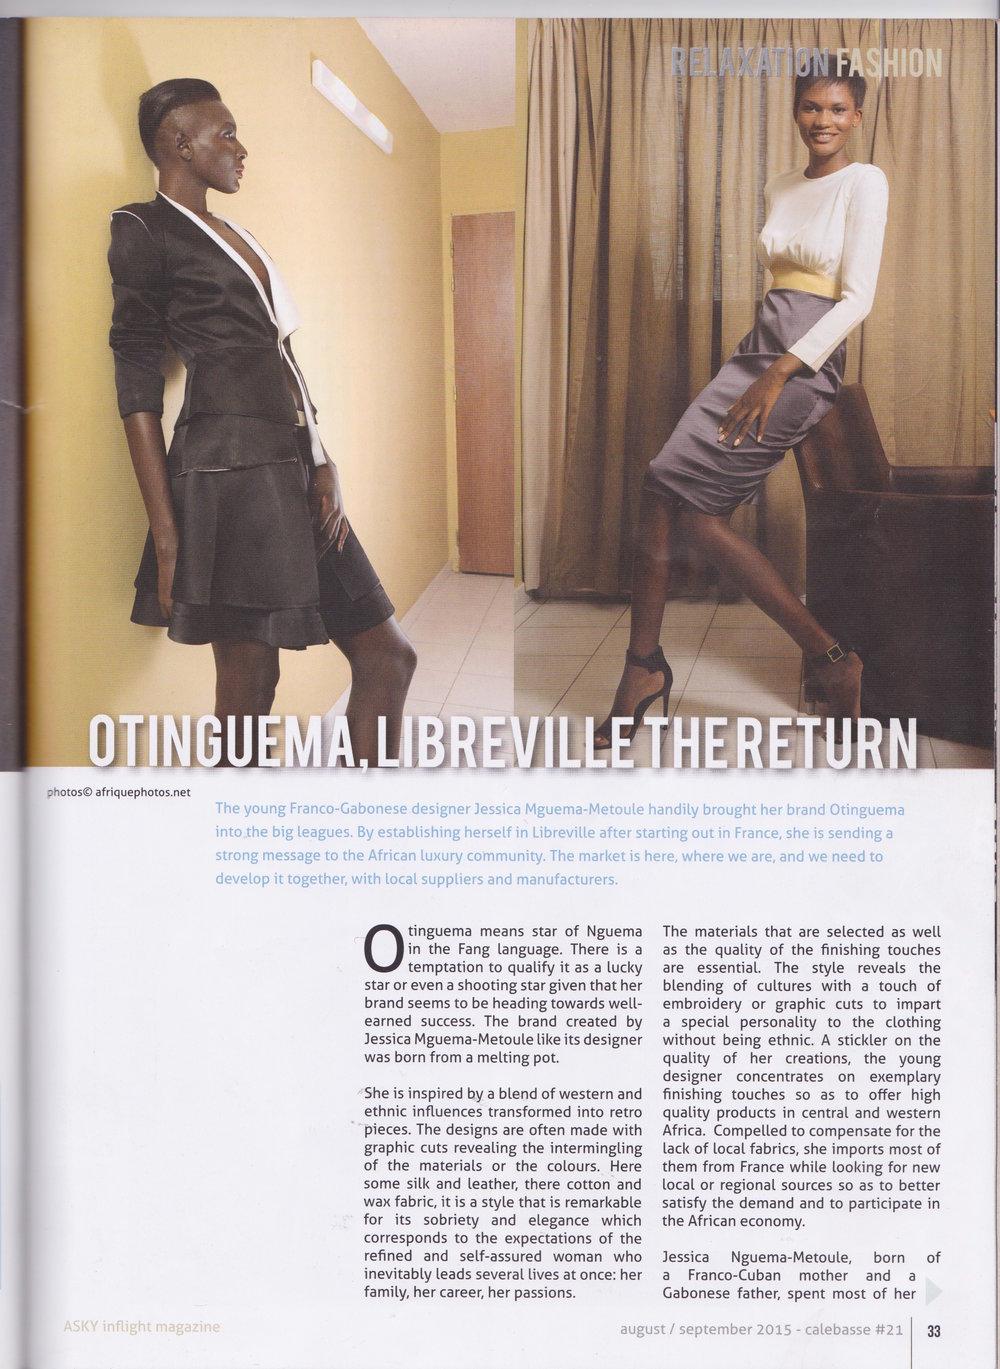 ASKY Calebasse Mag - Oct. 15